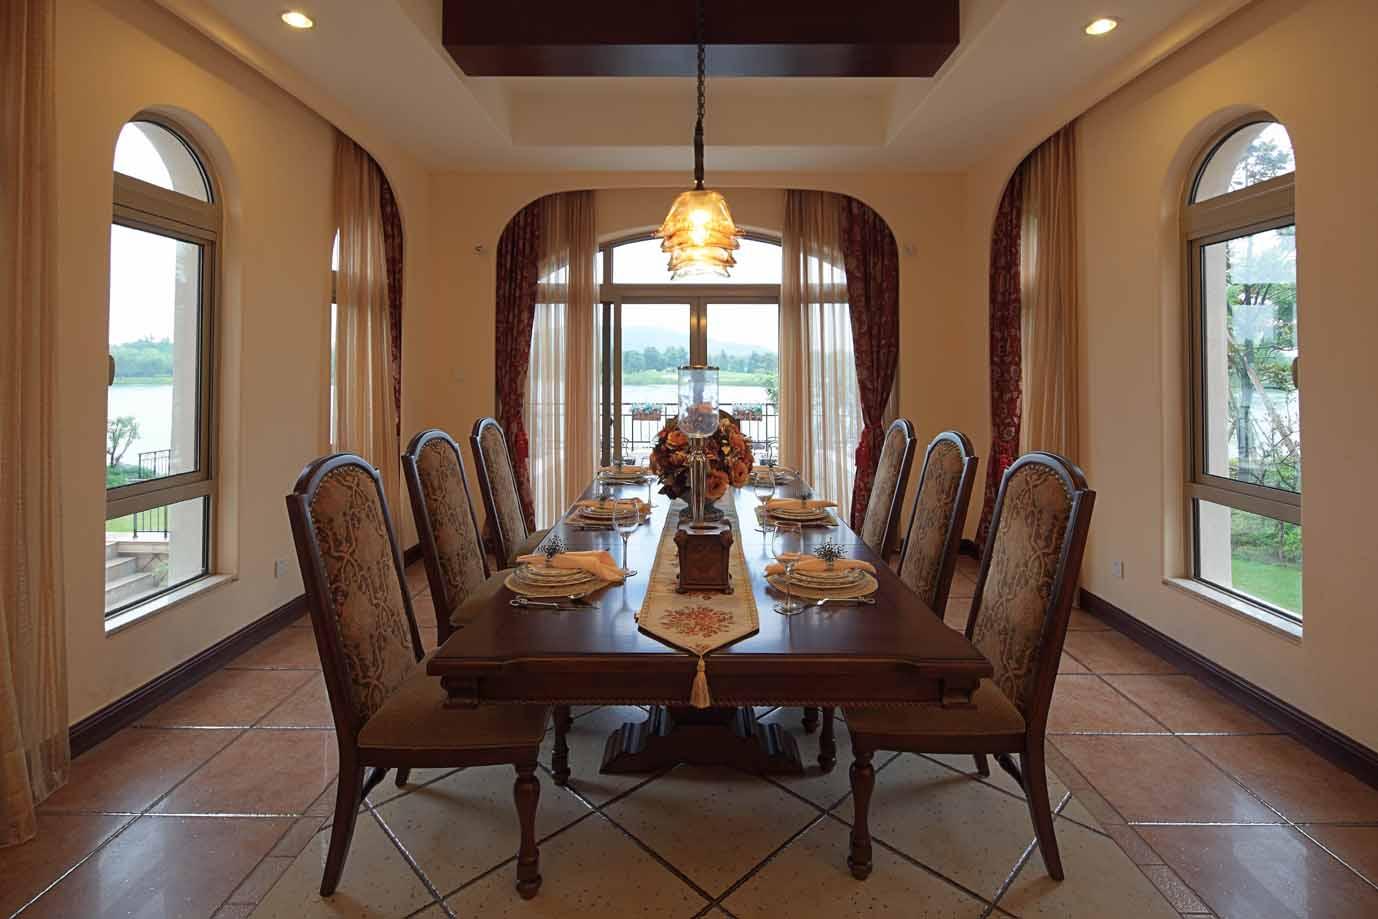 别墅装修 装修风格 西班牙风格 别墅软装 软装设计 室内设计 餐厅图片来自别墅装修设计yan在品质生活西班牙风格的分享